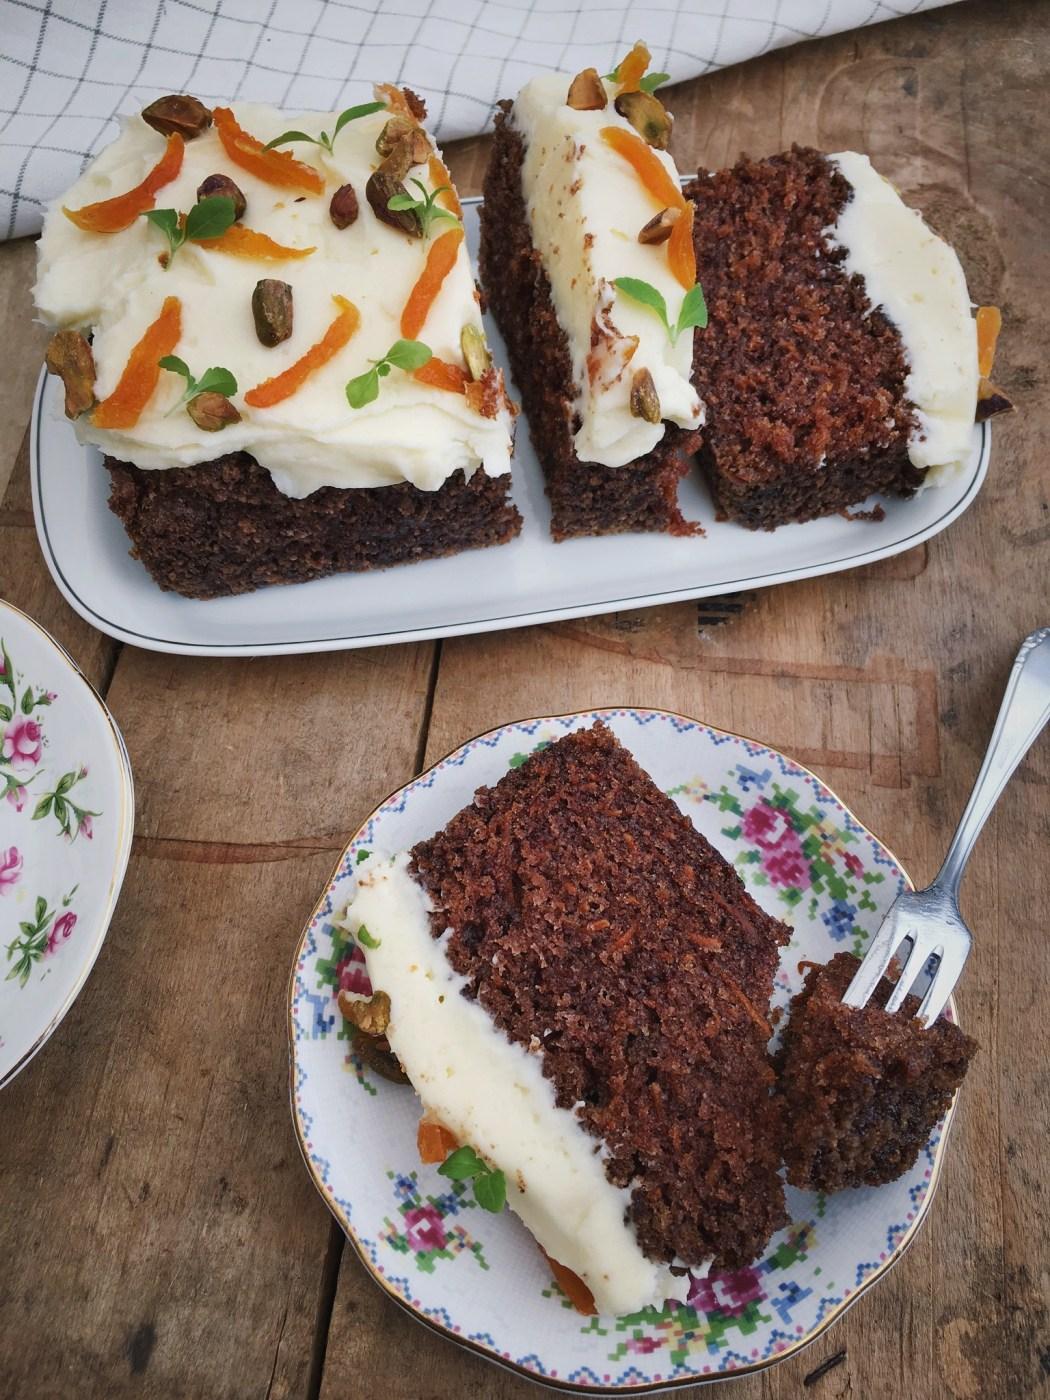 Worteltaart of carrot cake is een taart waarbij wortelen worden vermengd in het beslag. De wortelen worden zacht gedurende het bakproces, en de taart heeft gewoonlijk een zachte, dichte textuur.